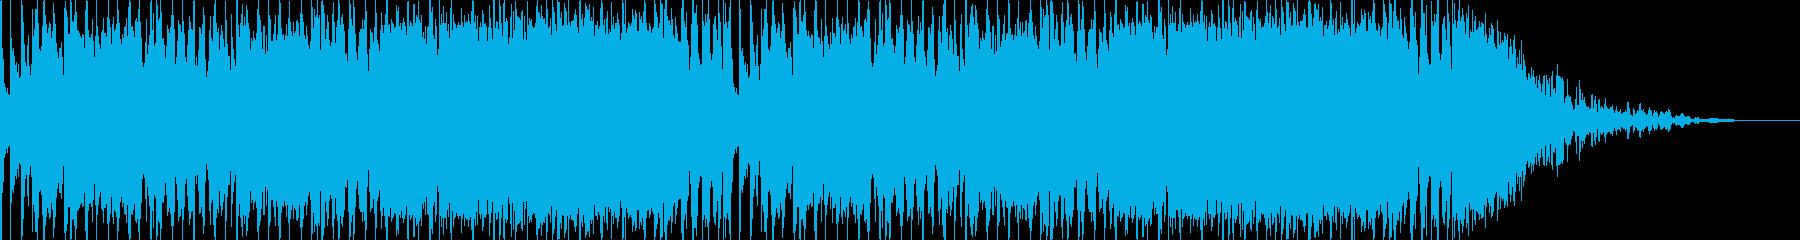 ヘビーなエレキギターのバンドサウンドの再生済みの波形